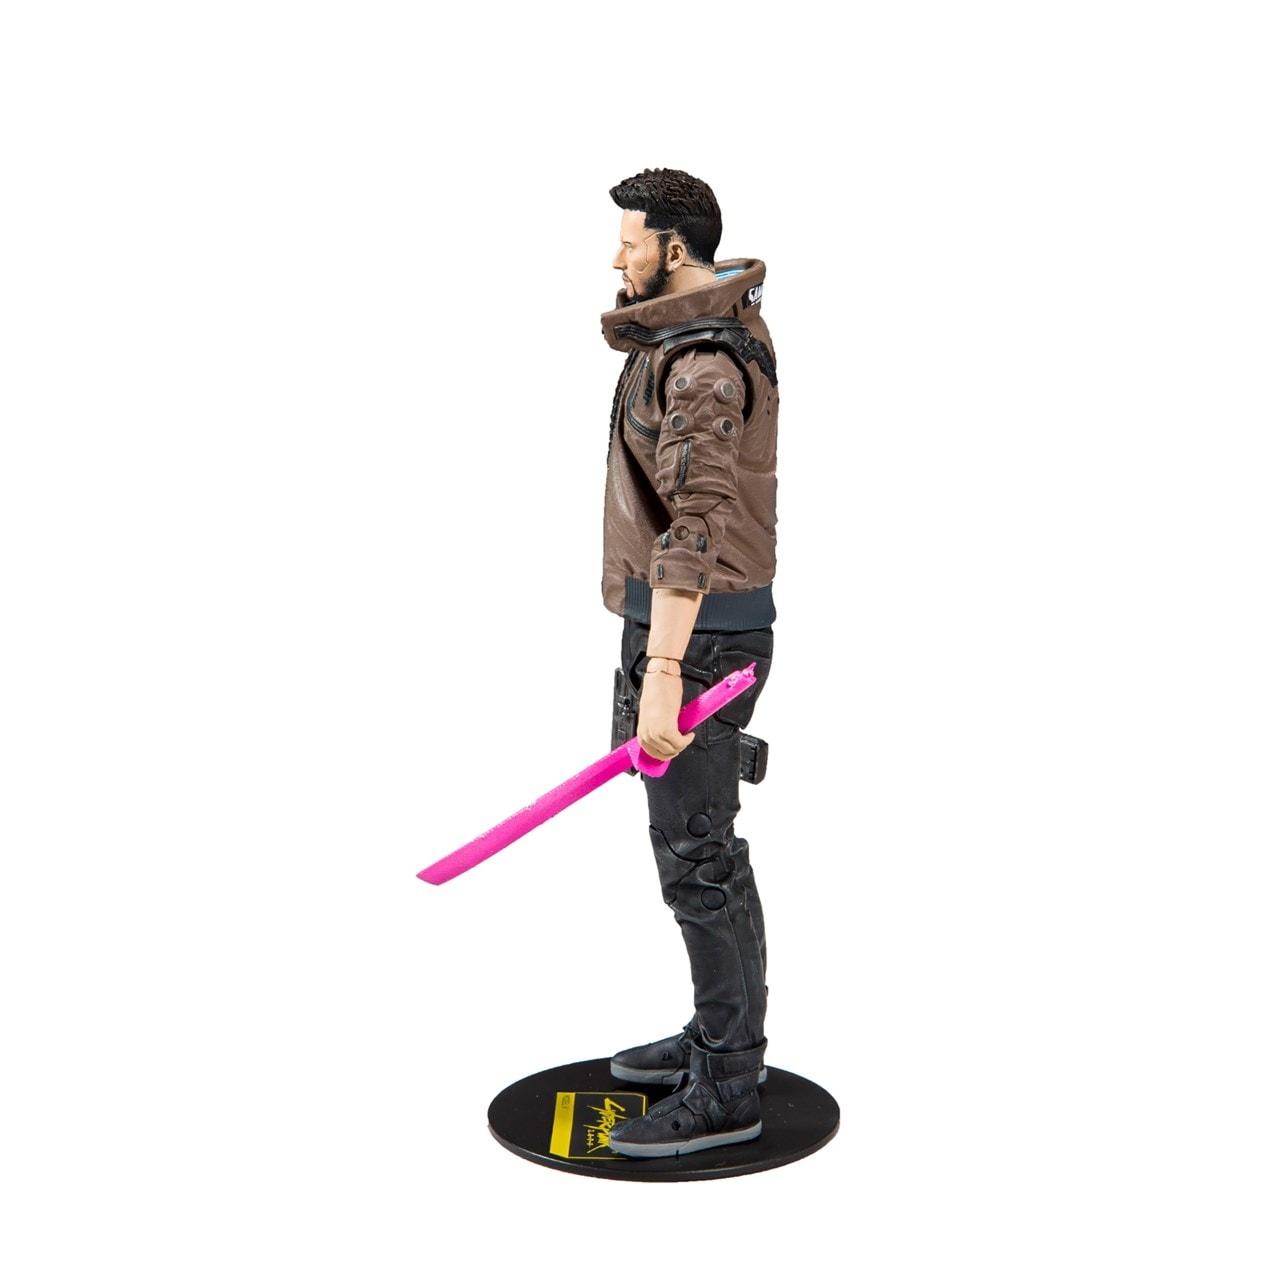 Cyberpunk 2077: V Male Figurine - 3